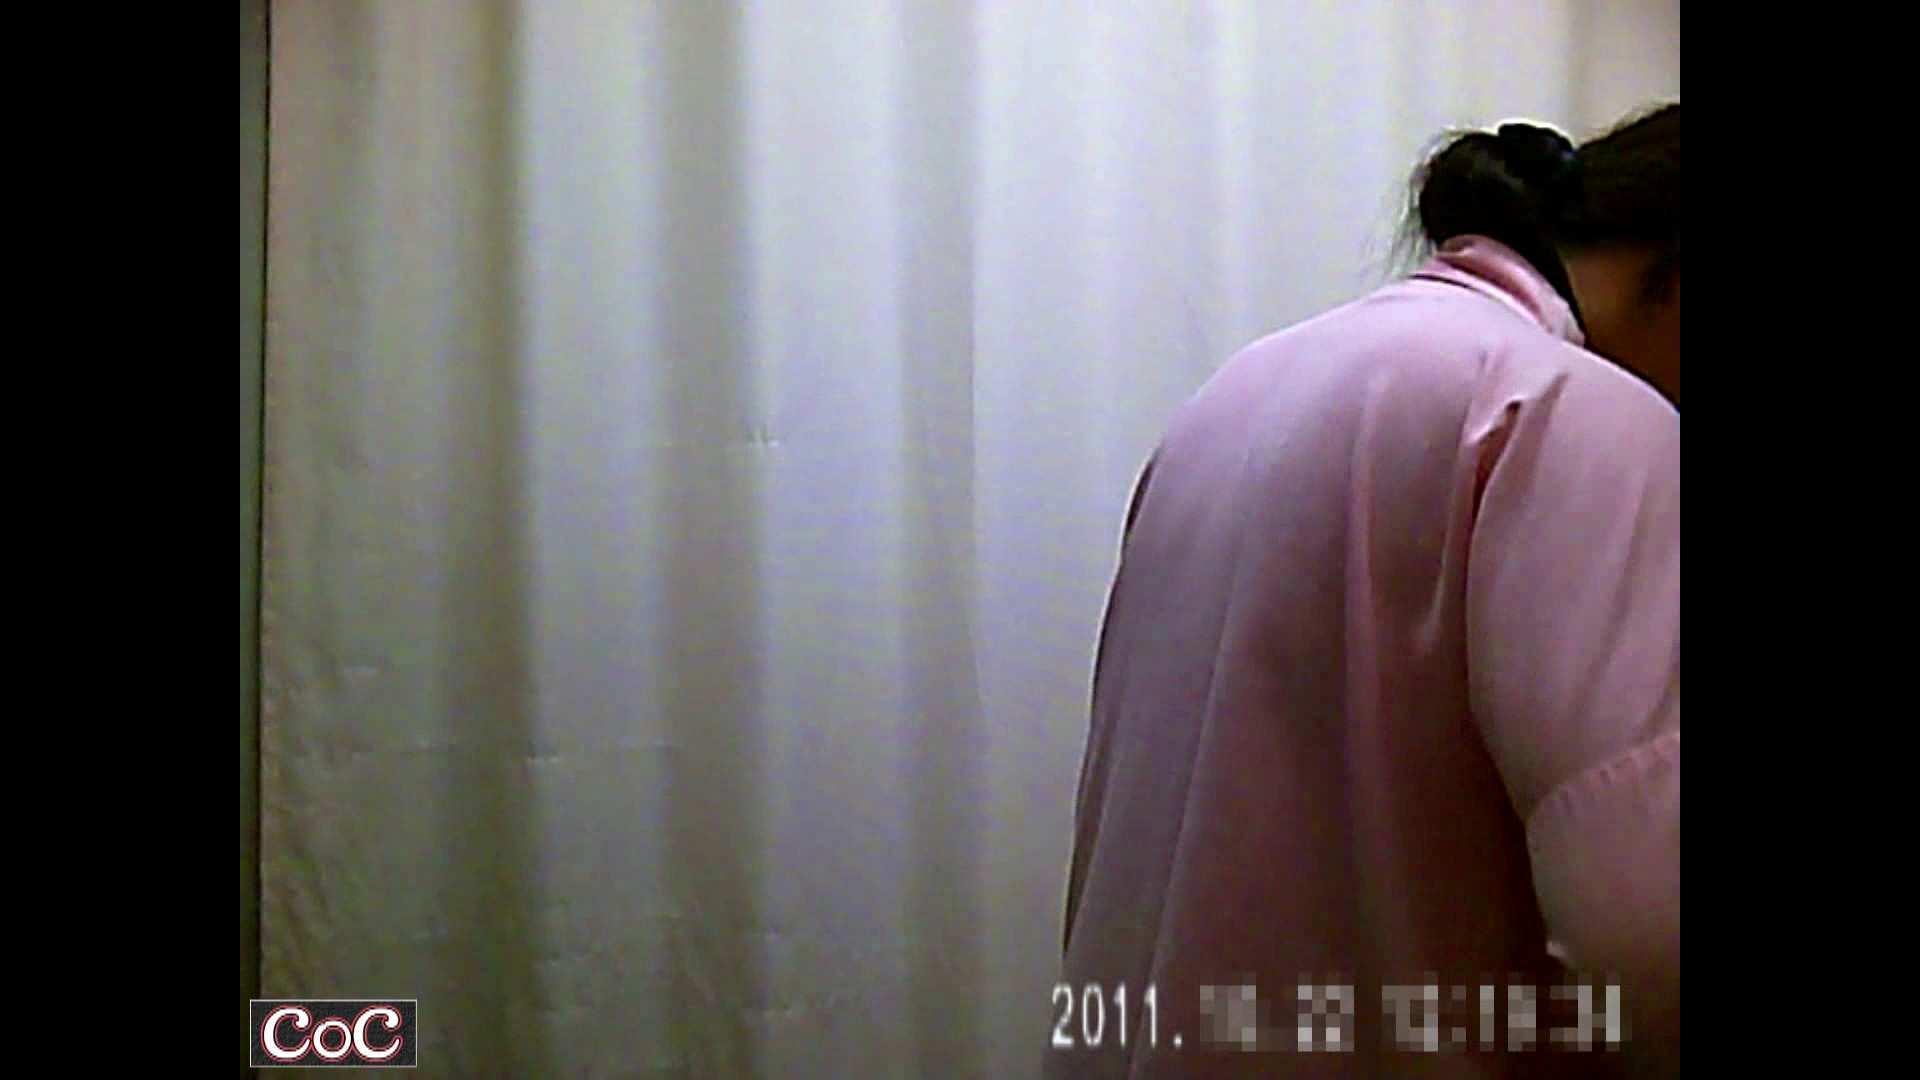 病院おもいっきり着替え! vol.69 おっぱい オメコ無修正動画無料 96連発 60